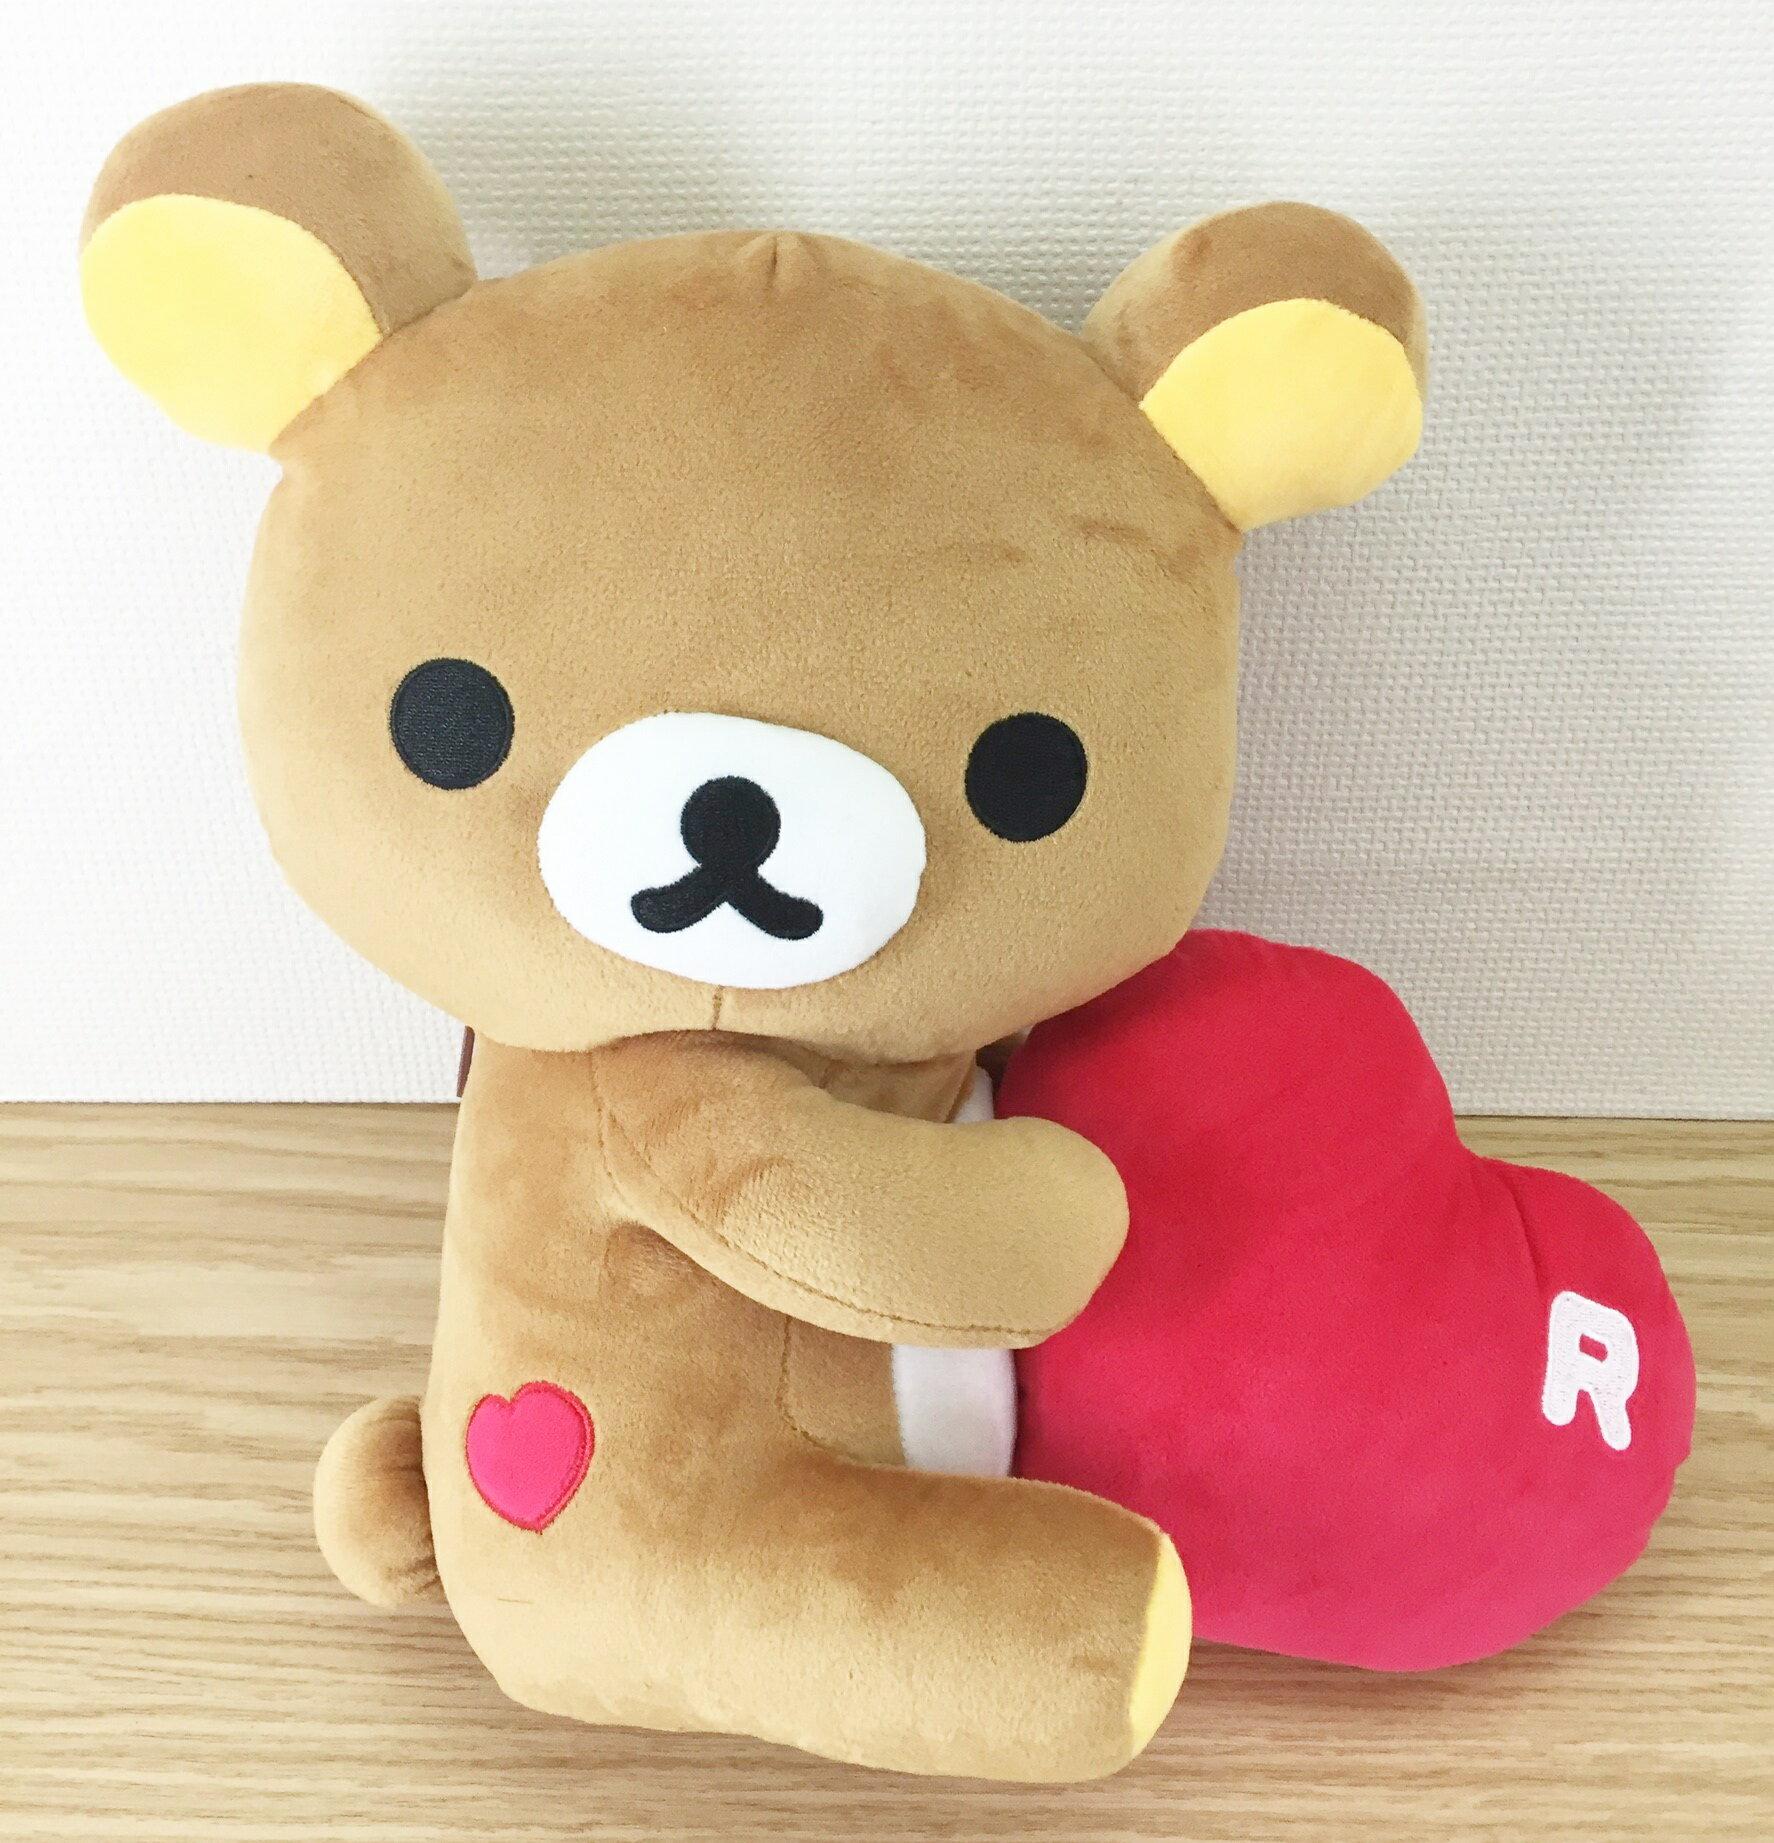 【真愛日本】1604010000430CM側坐抱紅心-懶熊  懶熊 拉拉熊 娃娃 絨毛 公仔 擺飾